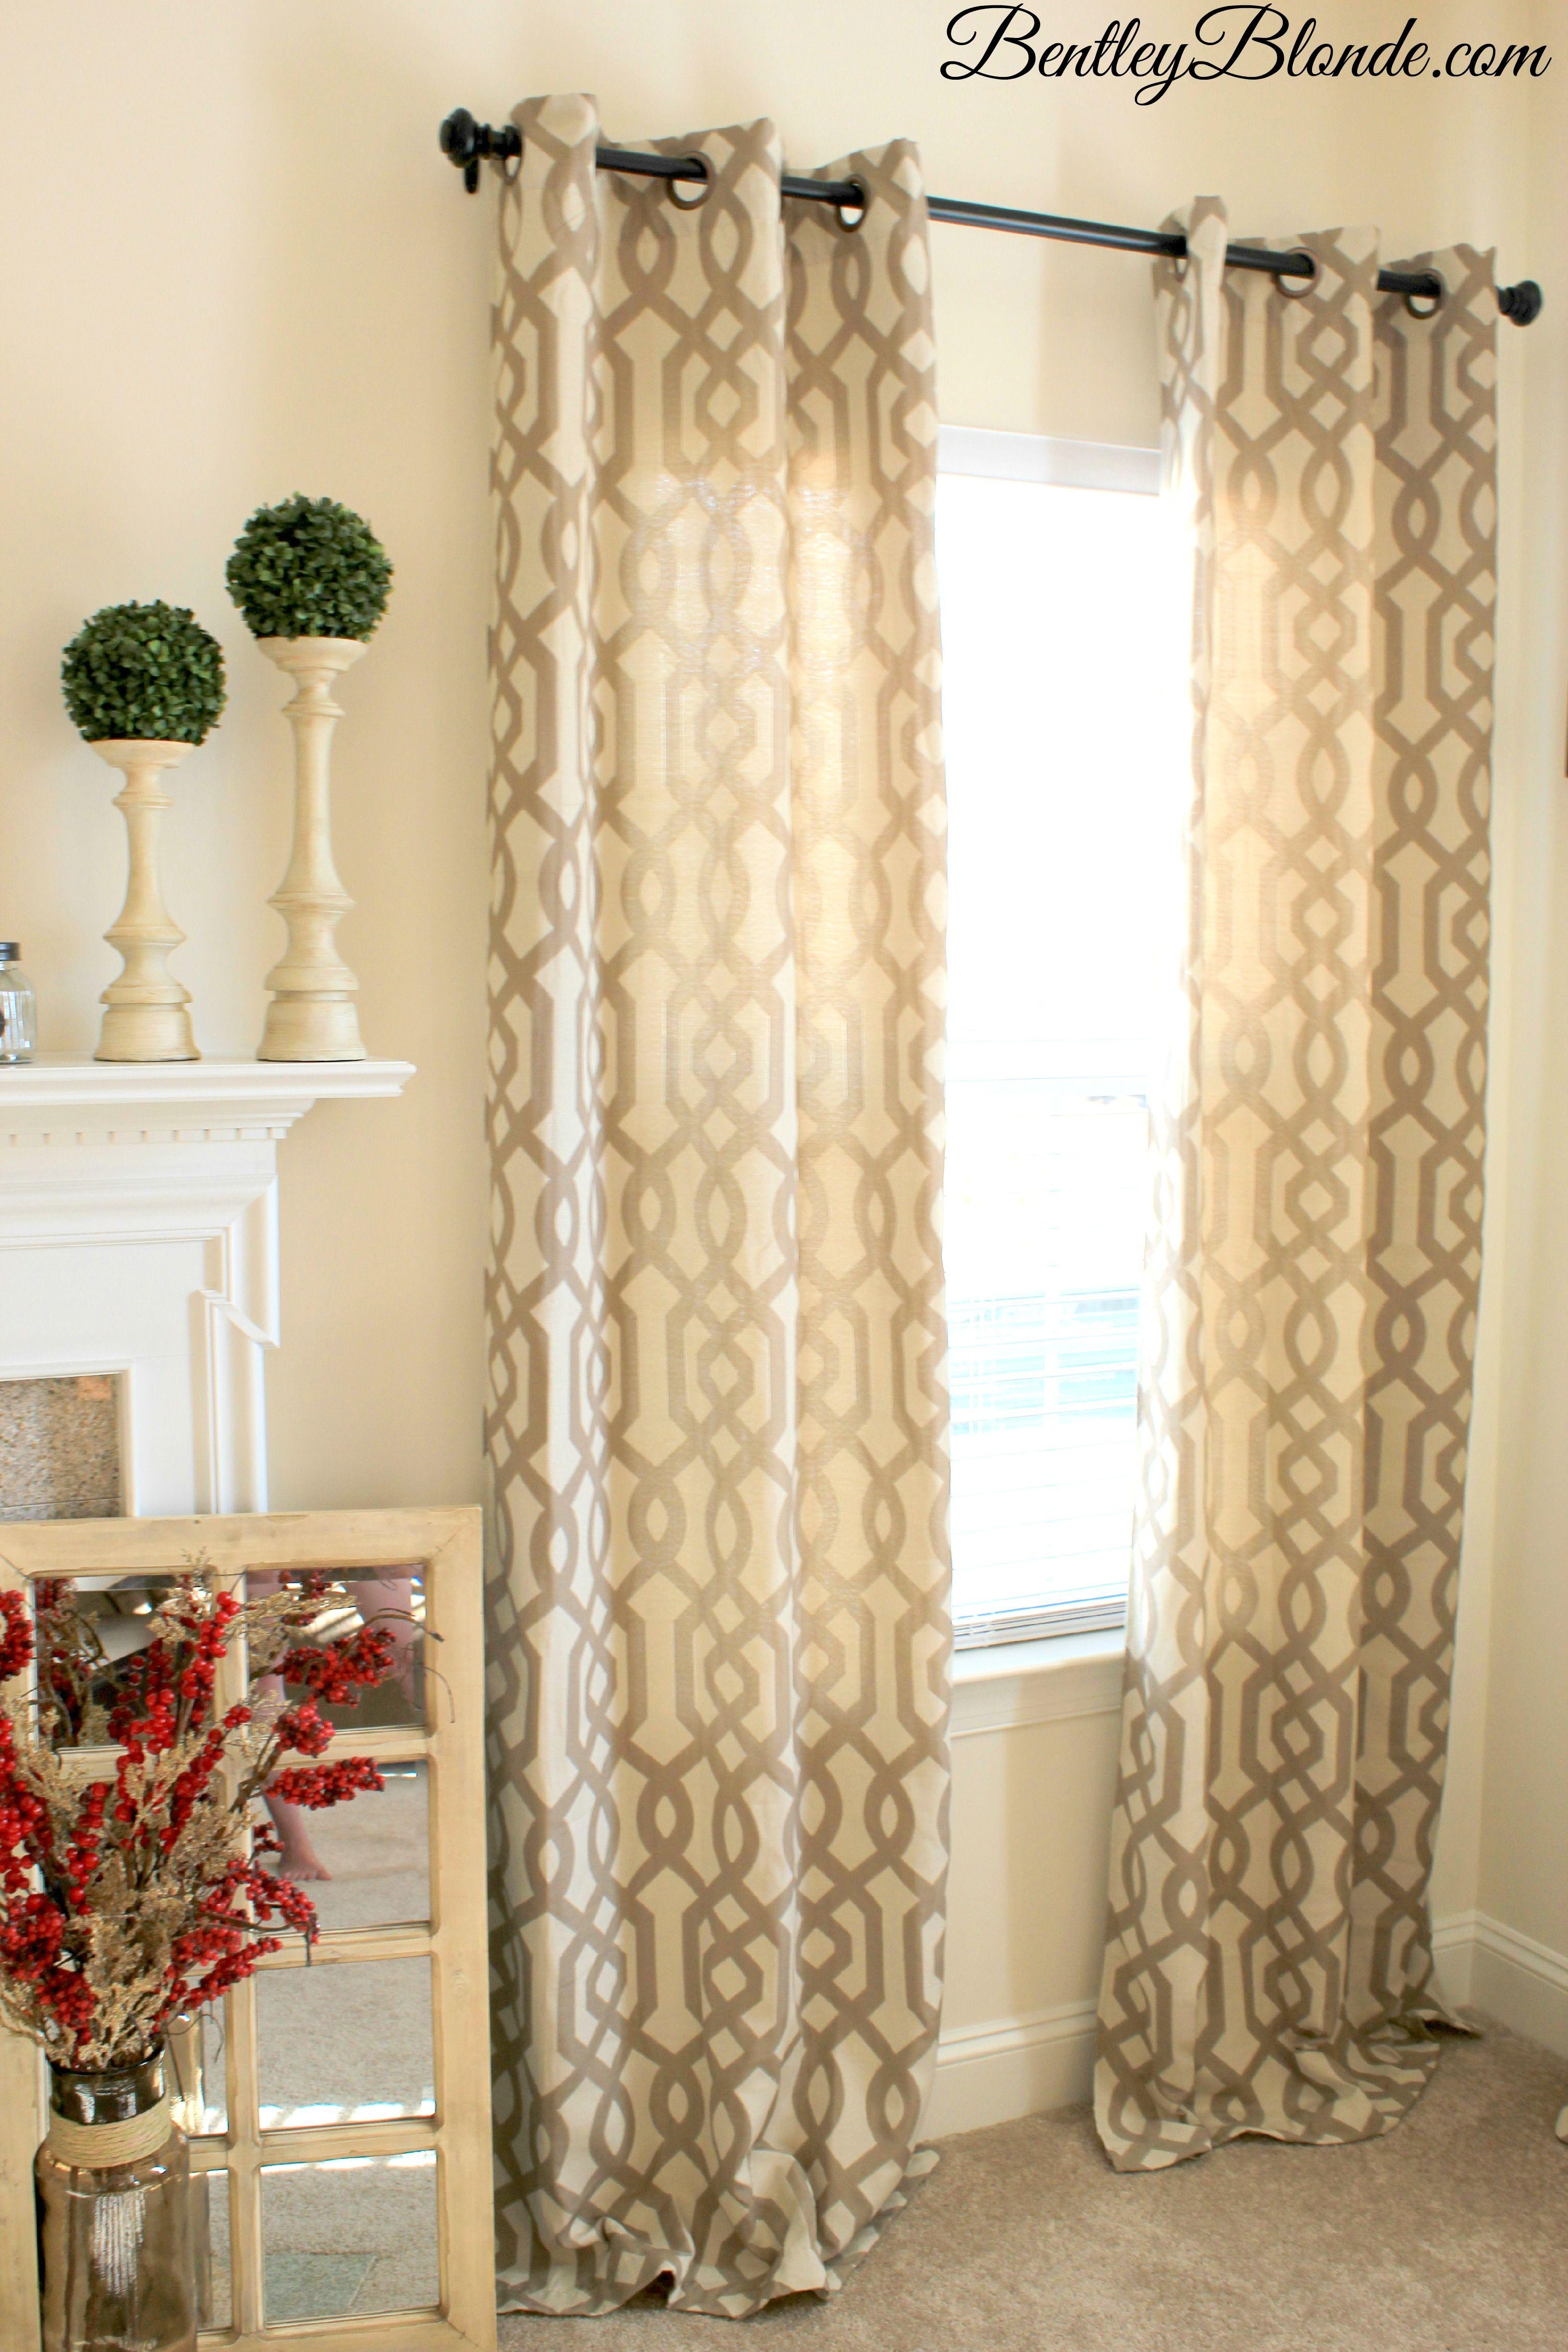 Kirklands Gatehill Curtains Taupe 95 Inch | BentleyBlonde